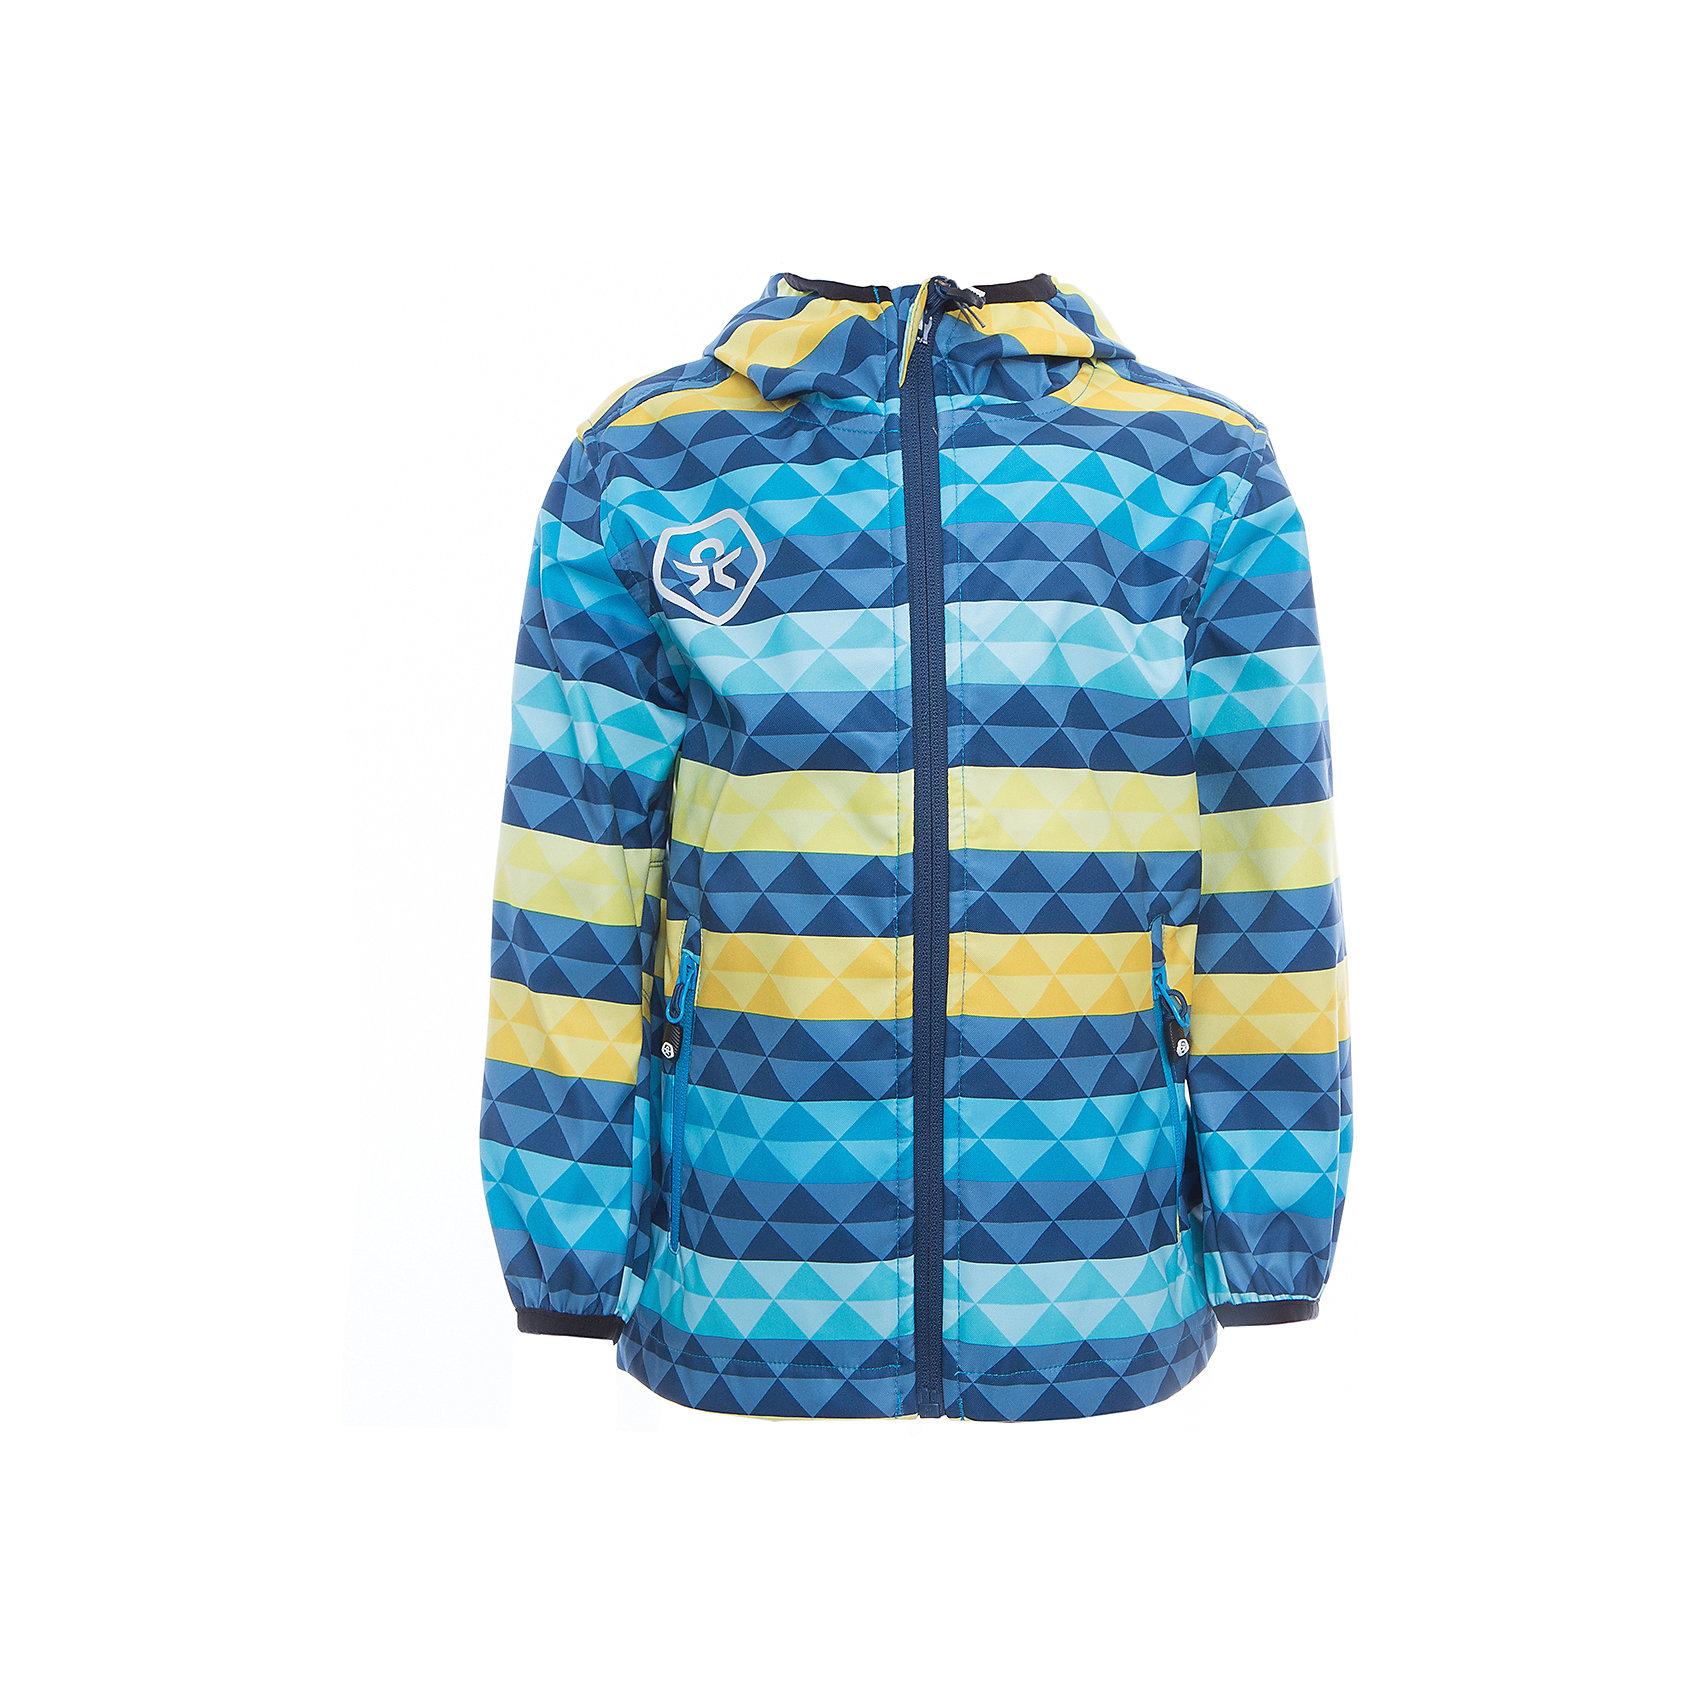 Куртка для мальчика Color KidsВерхняя одежда<br>Характеристики товара:<br><br>• цвет: голубой<br>• состав: 100 % полиэстер, softshell клееный с интерлоком<br>• без подкладки (для Softshell она не нужна, внутренняя сторона этой ткани очень приятная на ощупь)<br>• без утеплителя<br>• температурный режим: от +10 С° до +20 С°<br>• мембранная технология<br>• водонепроницаемость: 8000 мм<br>• воздухопроницаемость: 3000 мм<br>• ветрозащитный<br>• проклеенные швы<br>• регулируемый низ куртки<br>• светоотражающие детали<br>• застежка: молния<br>• вшитый капюшон с оторочкой кантом<br>• защита подбородка<br>• два кармана на молнии<br>• логотип<br>• страна бренда: Дания<br><br>Эта симпатичная и удобная куртка сделана из непромокаемого легкого материала, поэтому отлично подойдет для дождливой погоды в весенне-летний сезон. Она комфортно сидит и обеспечивает ребенку необходимое удобство. Очень стильно смотрится.<br><br>Куртку для мальчика от датского бренда Color Kids (Колор кидз) можно купить в нашем интернет-магазине.<br><br>Ширина мм: 356<br>Глубина мм: 10<br>Высота мм: 245<br>Вес г: 519<br>Цвет: голубой<br>Возраст от месяцев: 24<br>Возраст до месяцев: 36<br>Пол: Мужской<br>Возраст: Детский<br>Размер: 98,104,110,116,122,128,140,152,92,104<br>SKU: 5443079